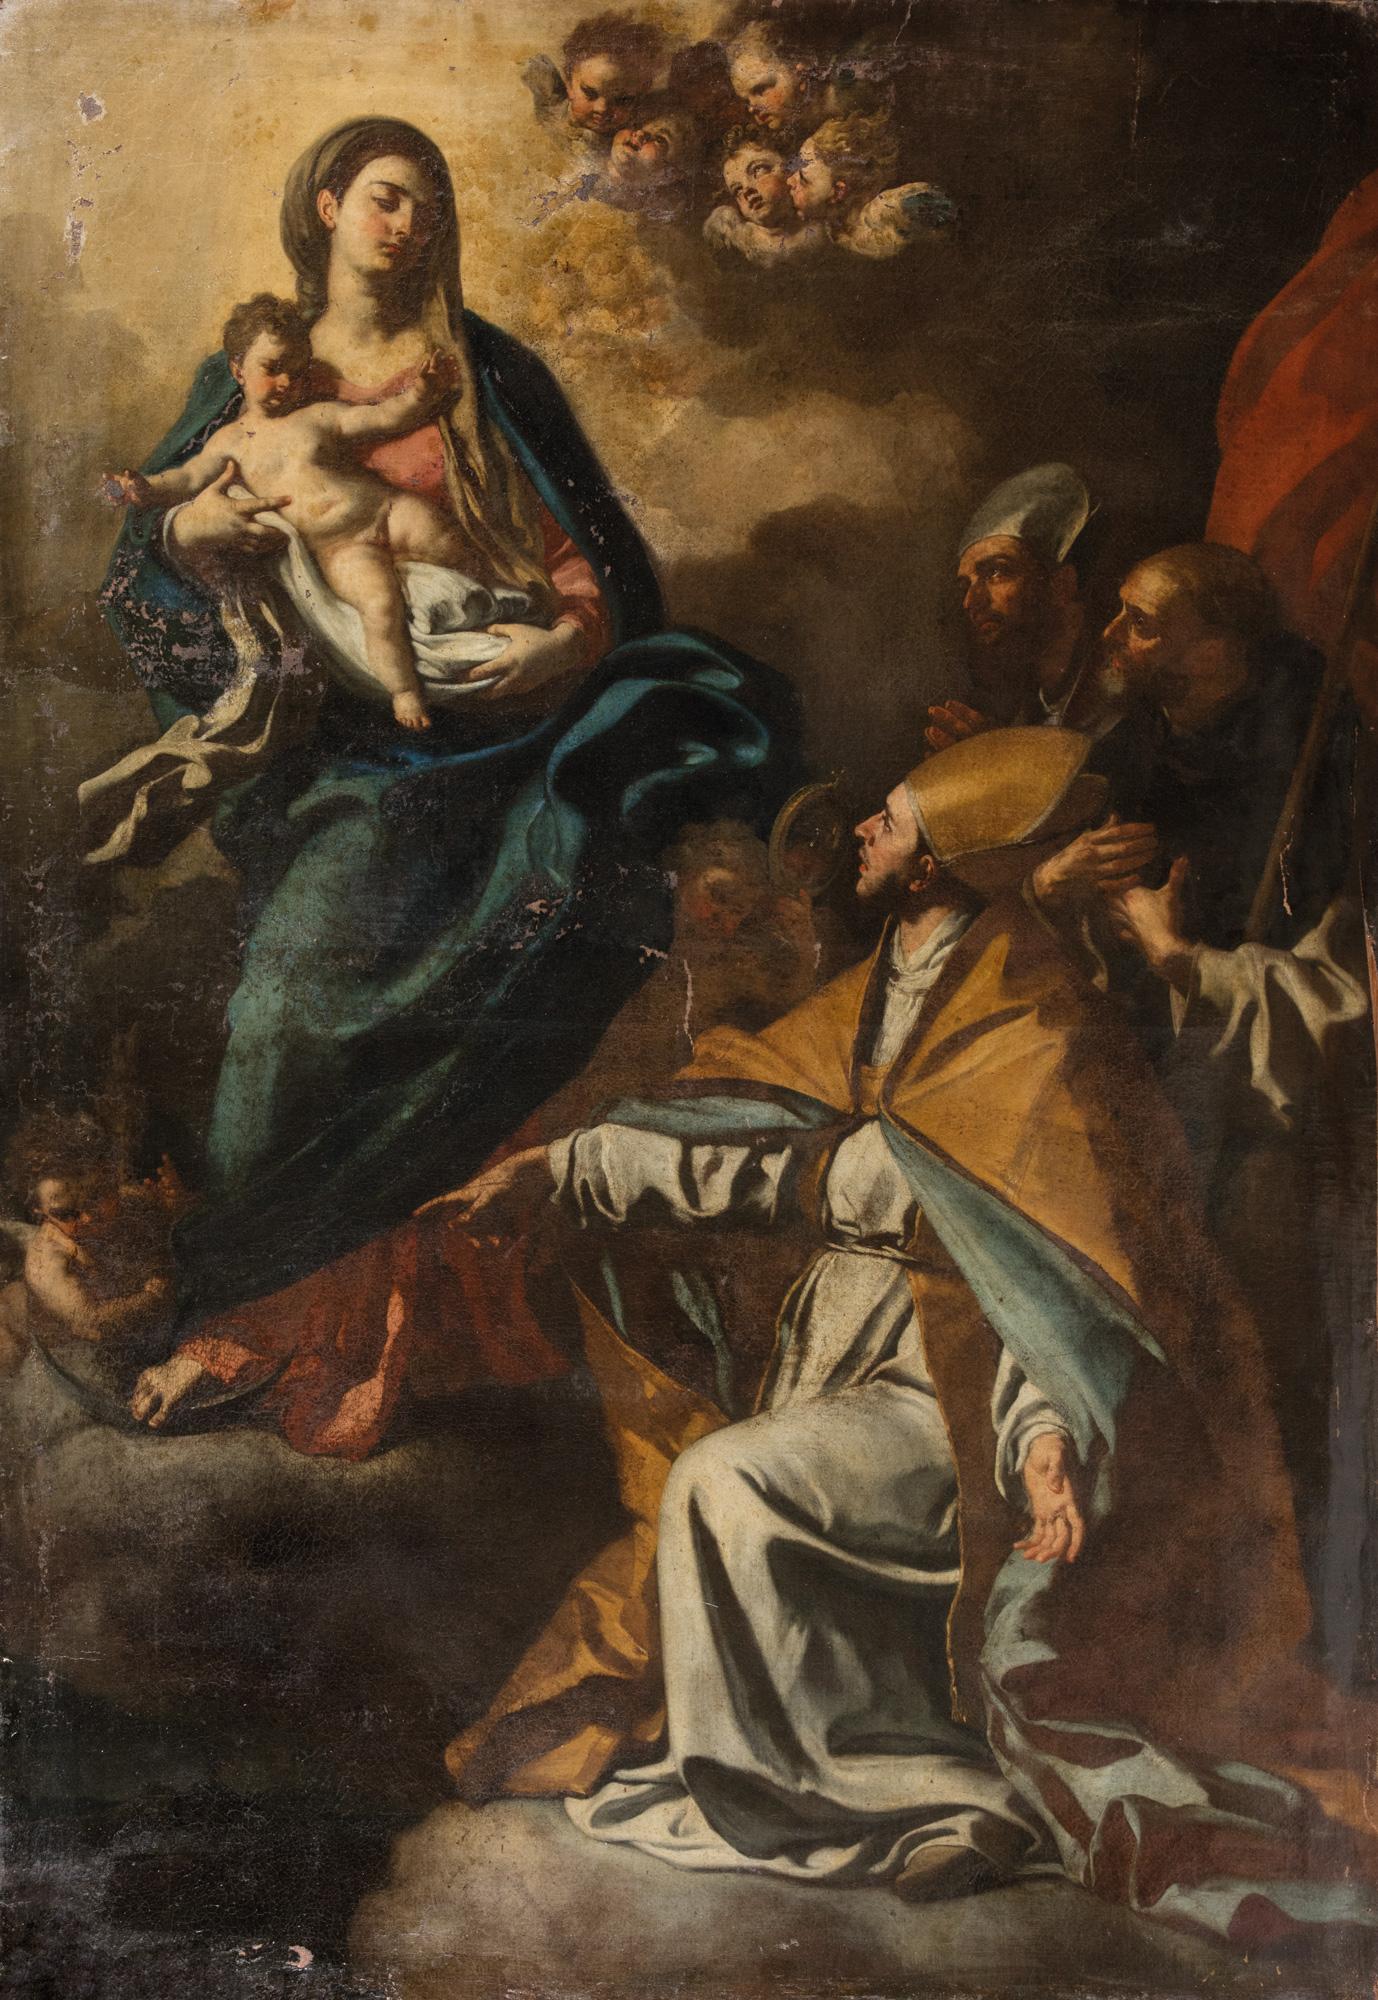 San Gennaro, un santo domenicano e un santo vescovo (Sant'Aspreno?) chiedono l'intercessione della Vergine per la città di Napoli